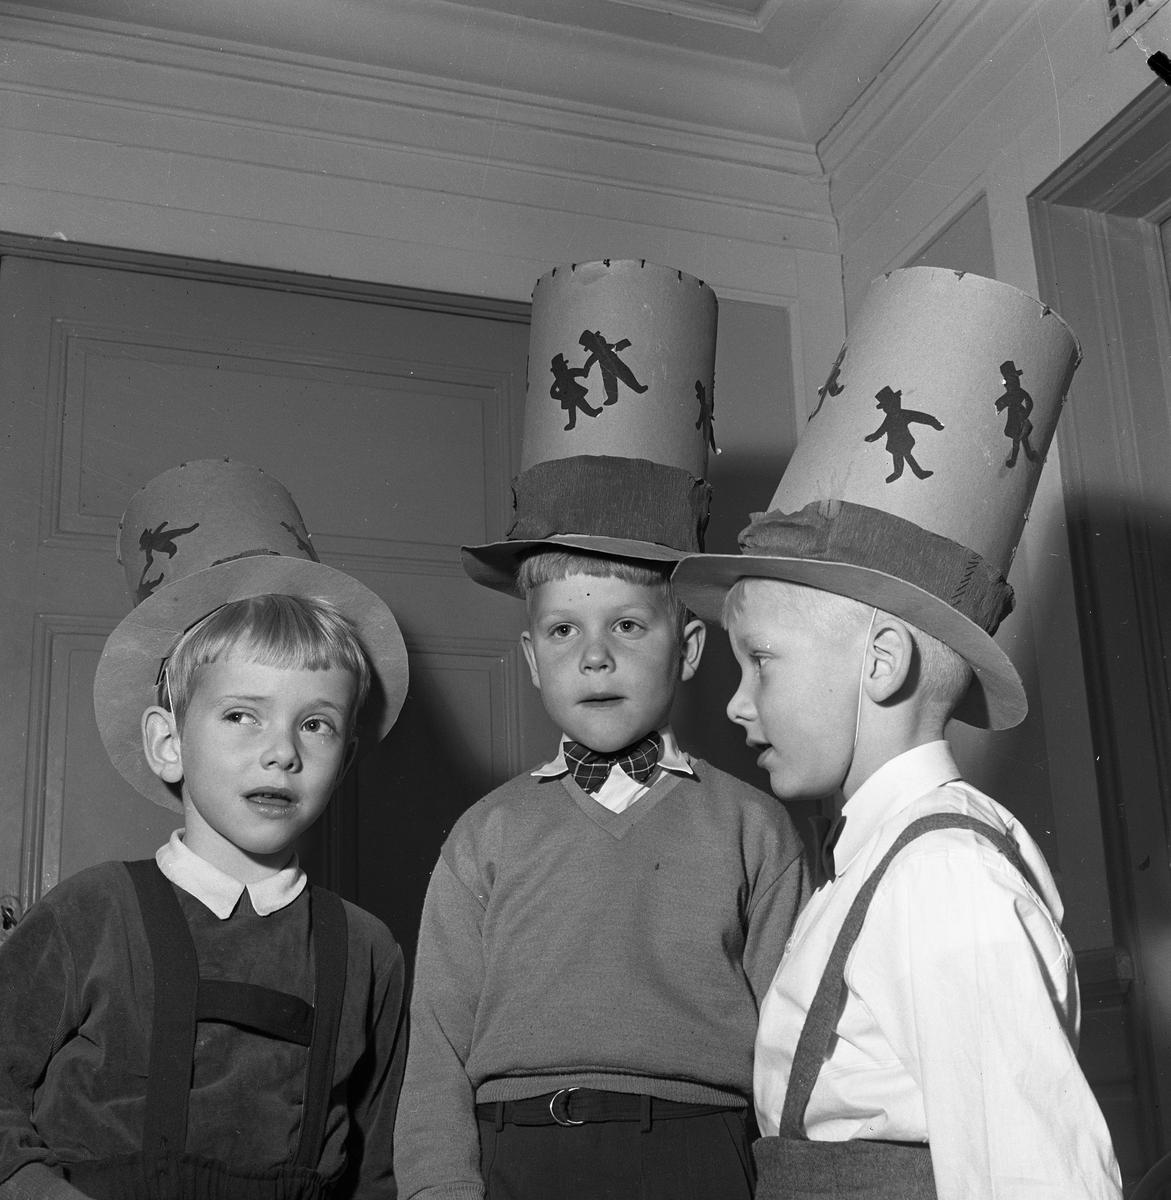 Barnträdgårdens avslutning. Är det månne tre pepparkaksgubbar med höga hattar?